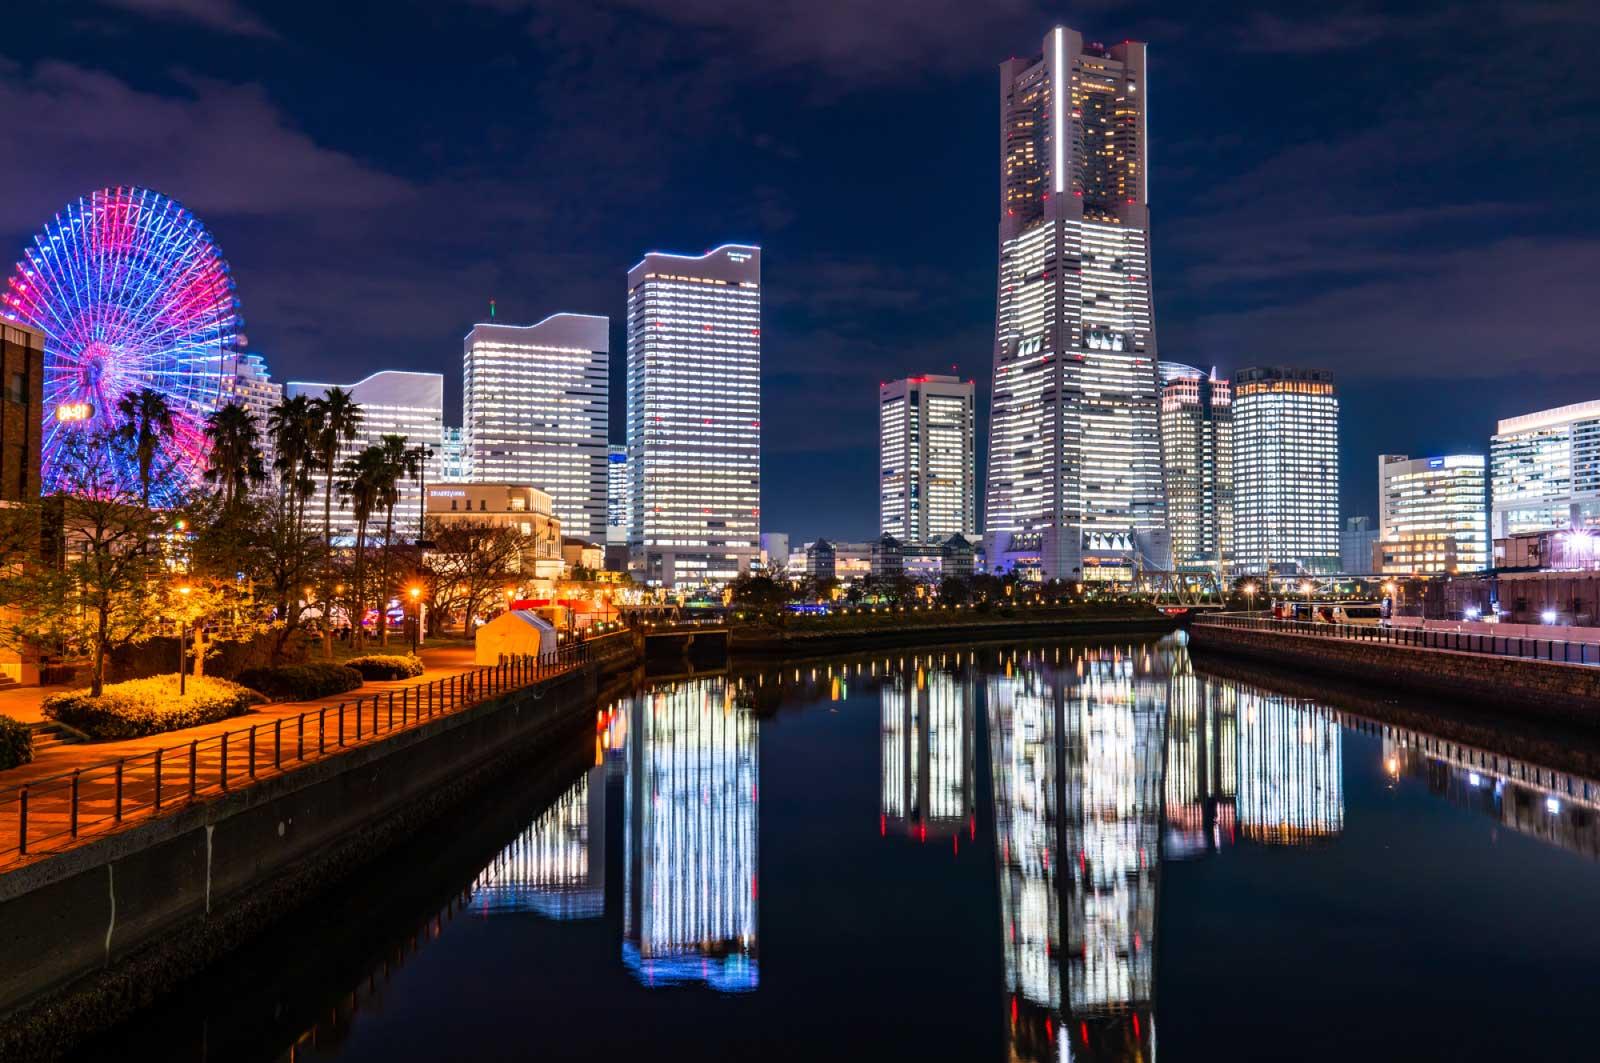 綺麗な横浜の夜景